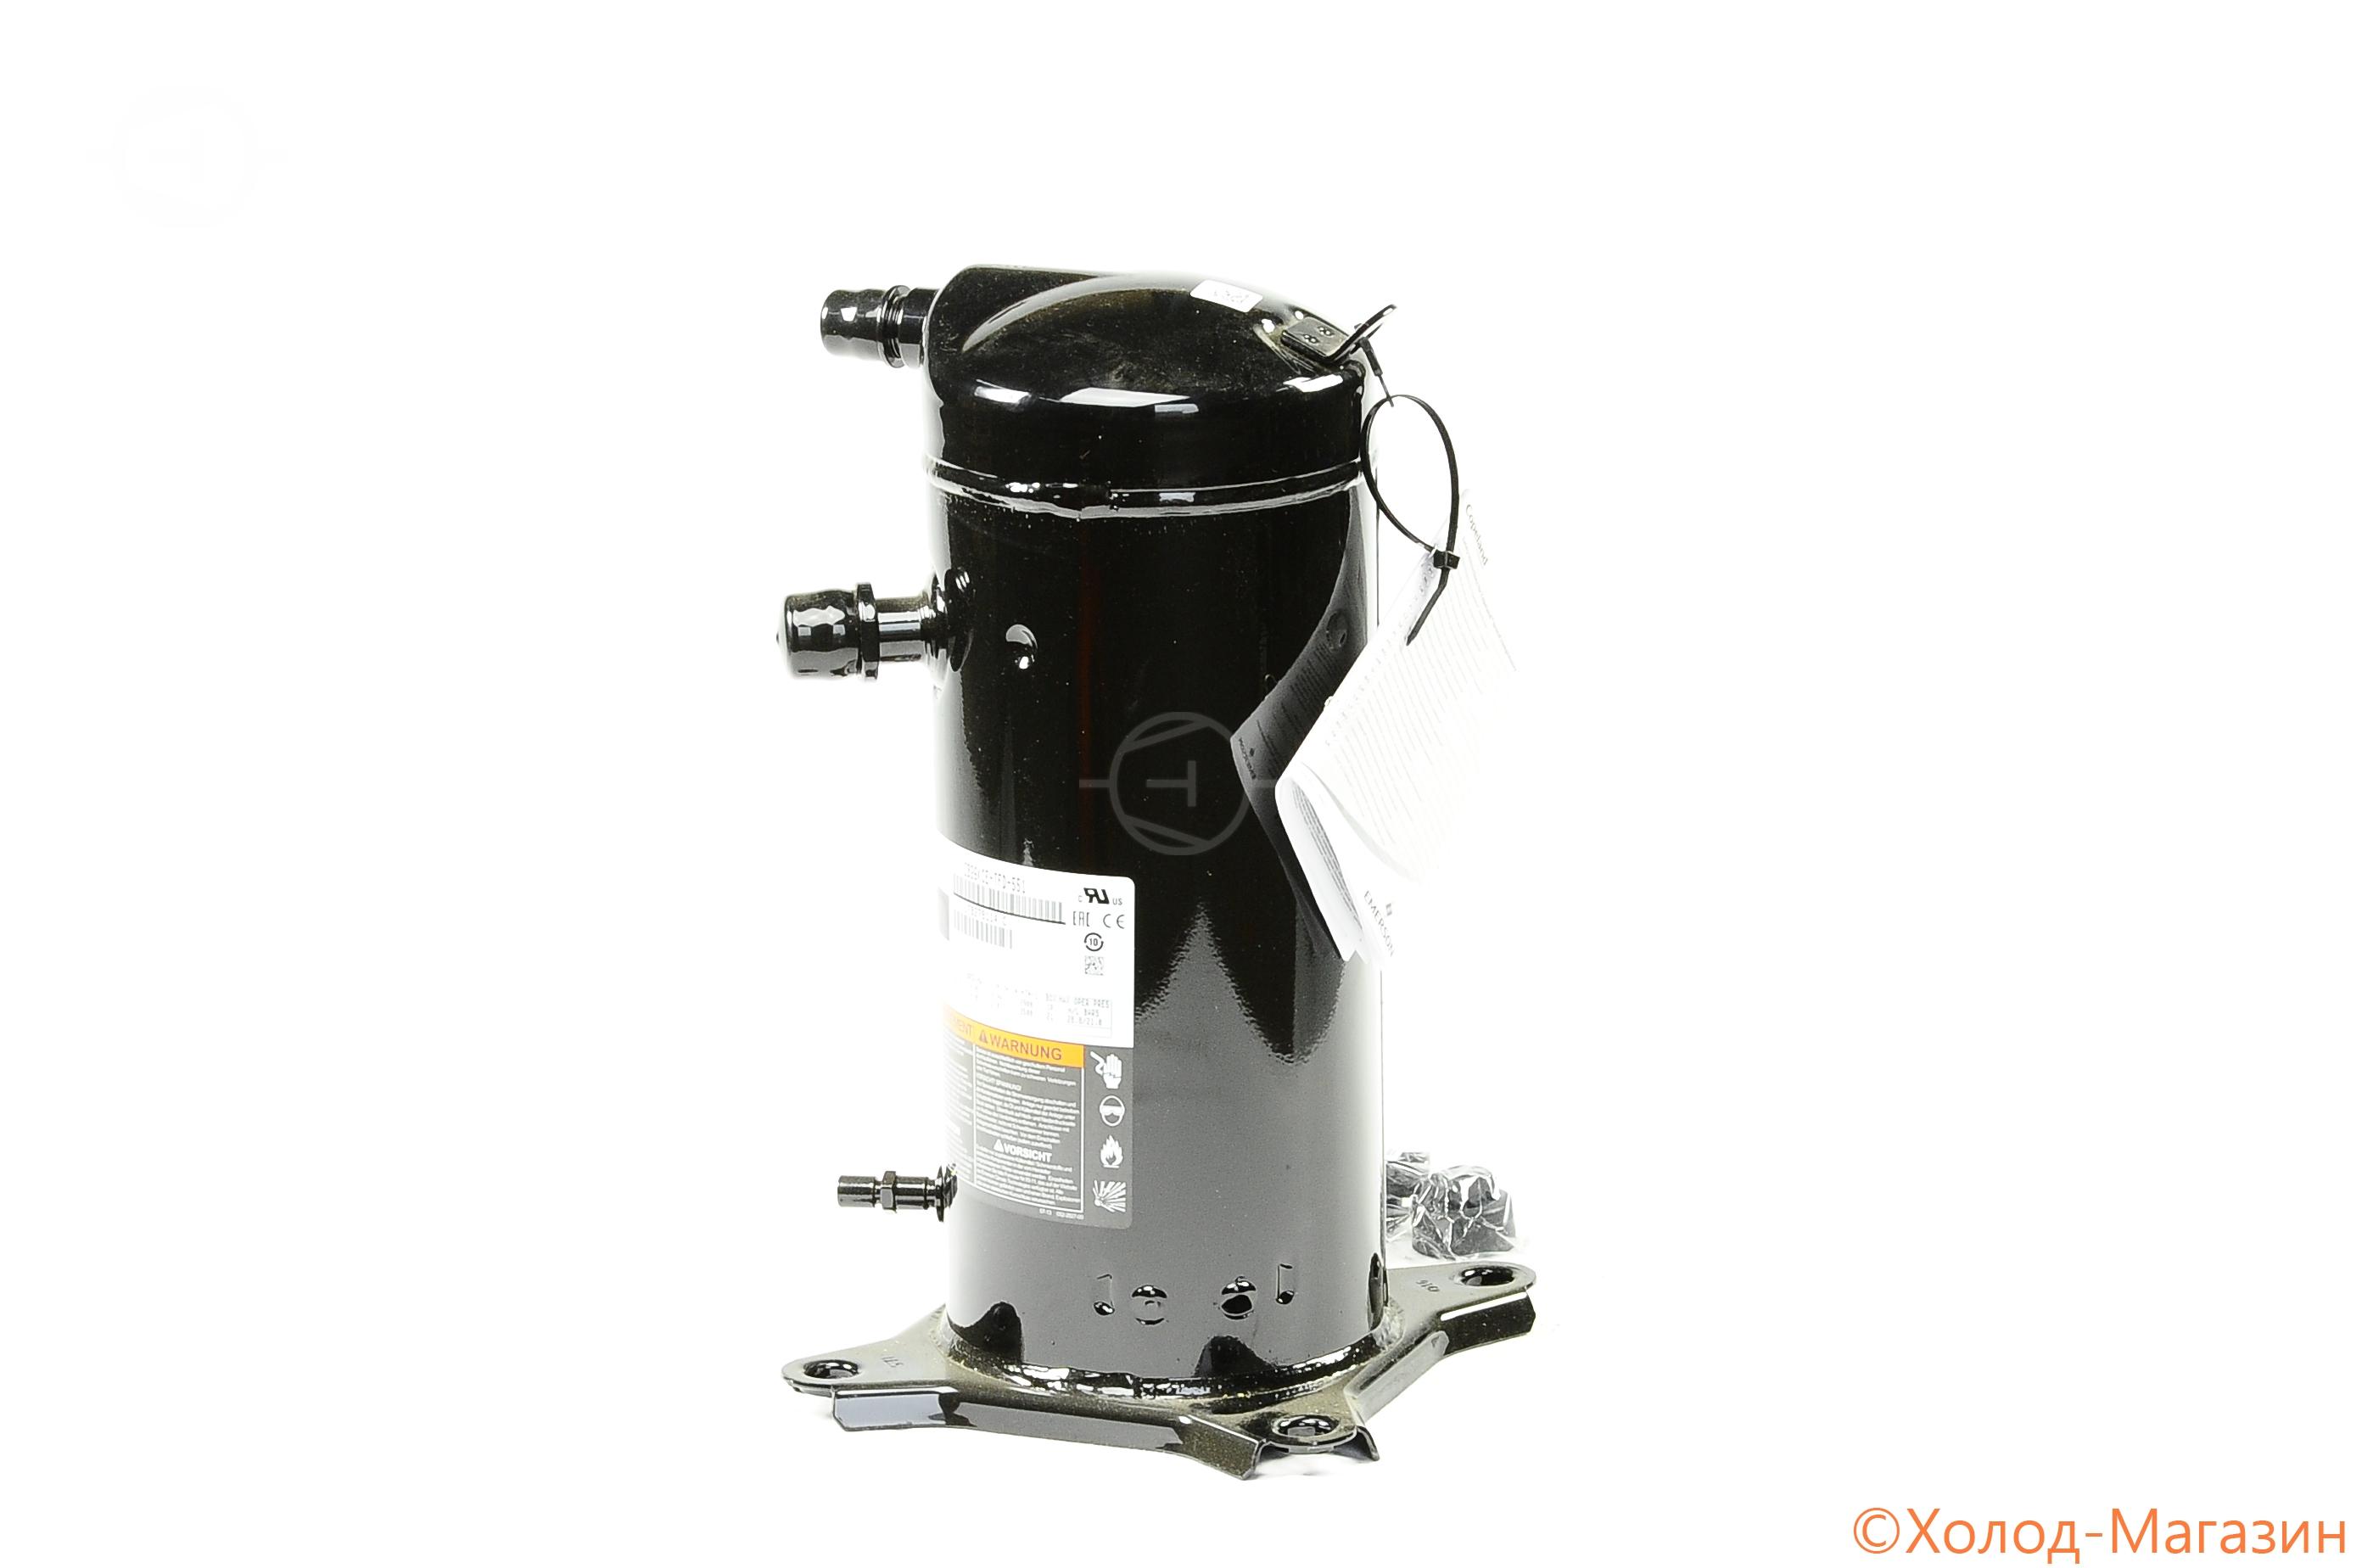 Компрессор спиральный ZB 26 KCE-TFD-551 Copeland, Emerson